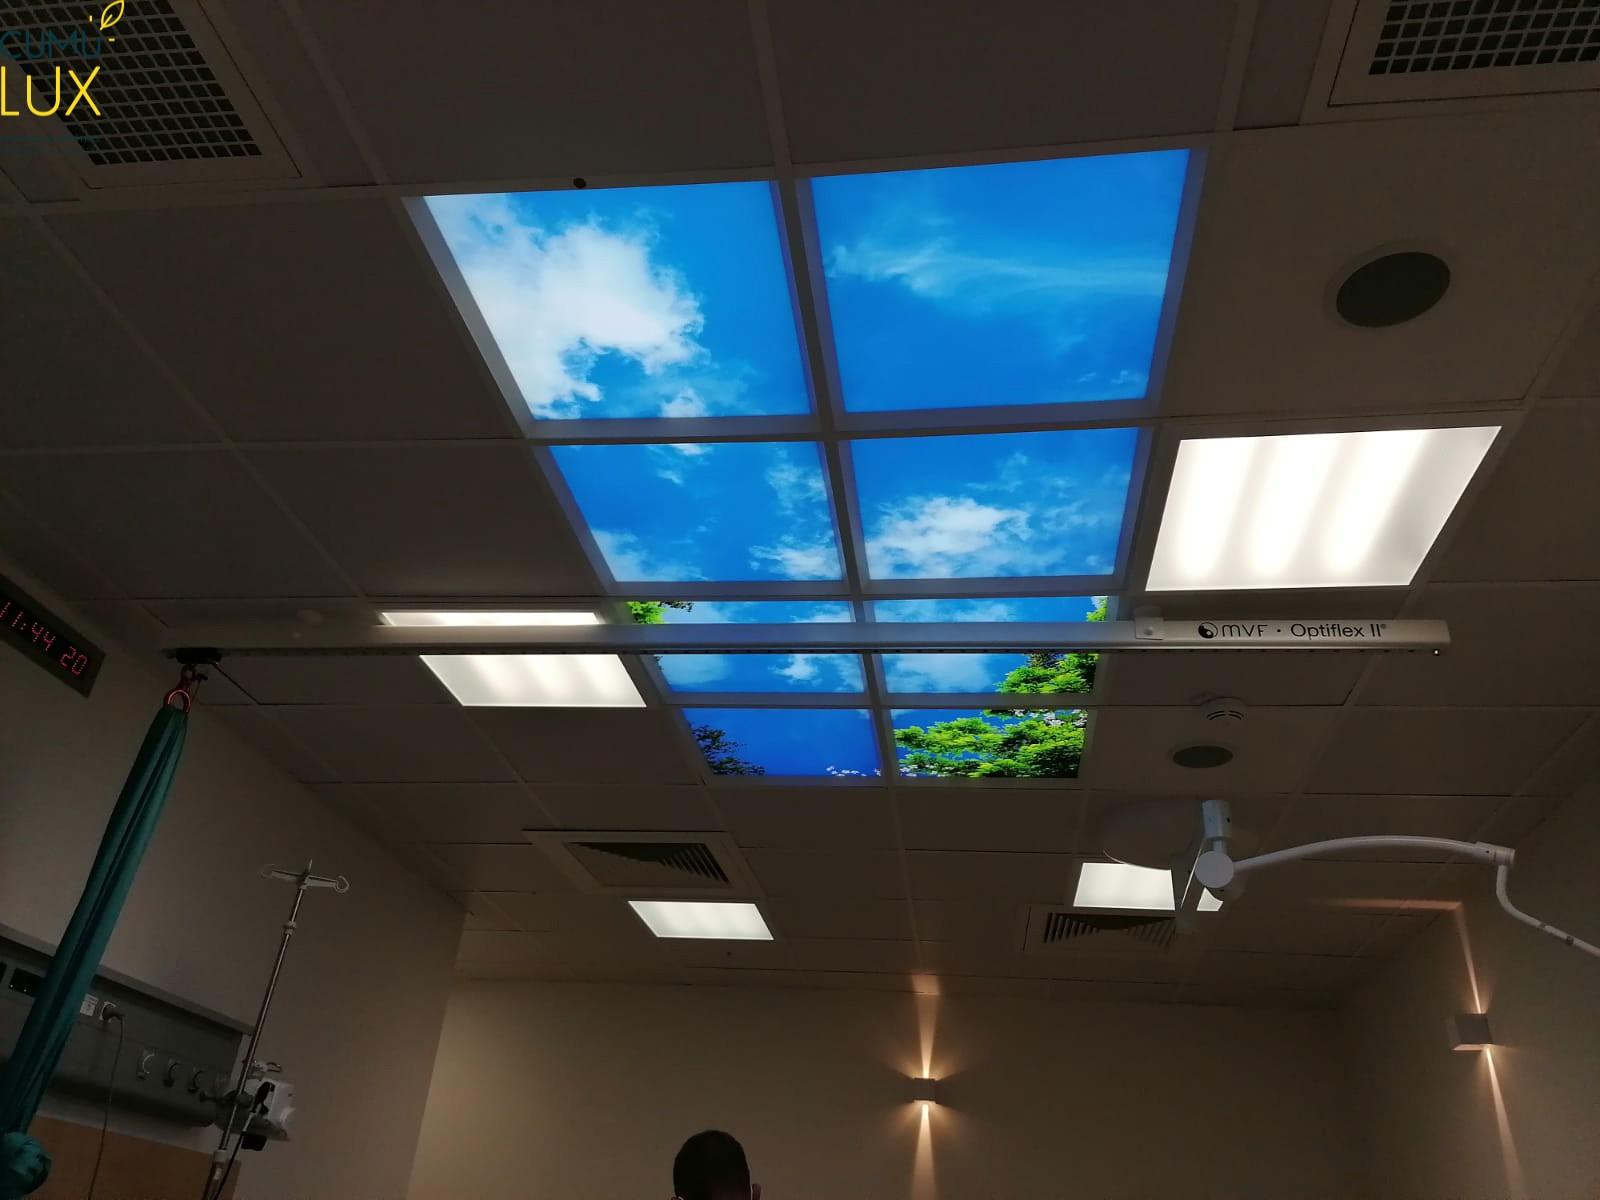 Faux plafond Cumulux pour une salle d'accouchement aveugle au CHU de Bastia.